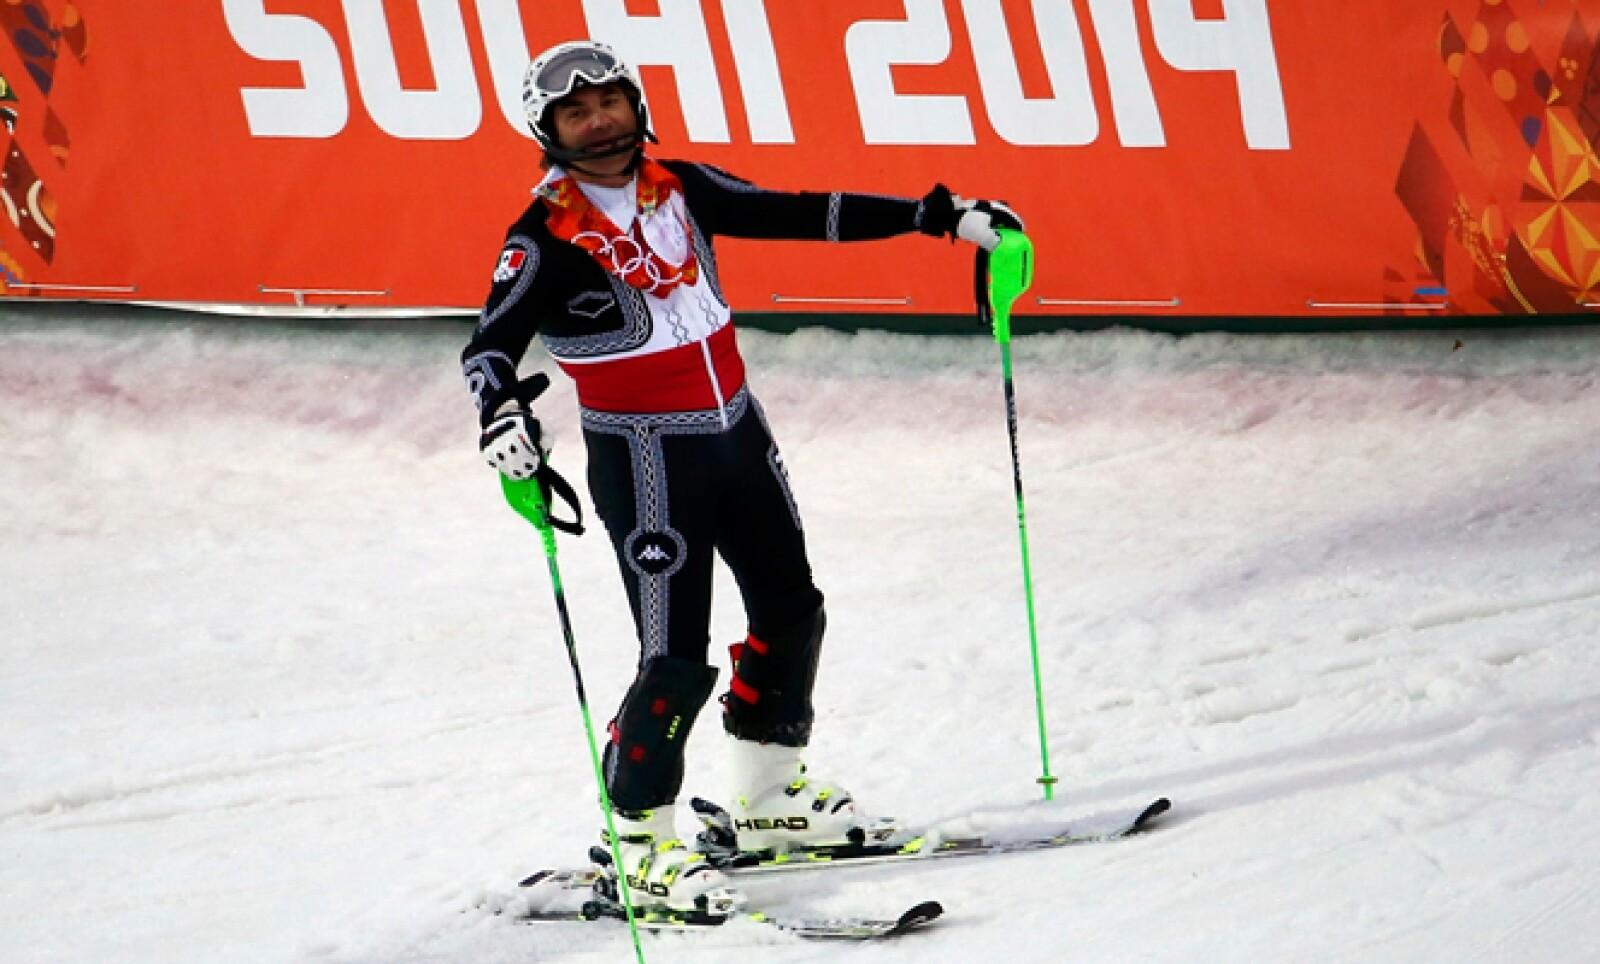 El mexicano fue eliminado de la prueba de esquí alpino slalom debido a que sufrió una caída, informó la Conade.